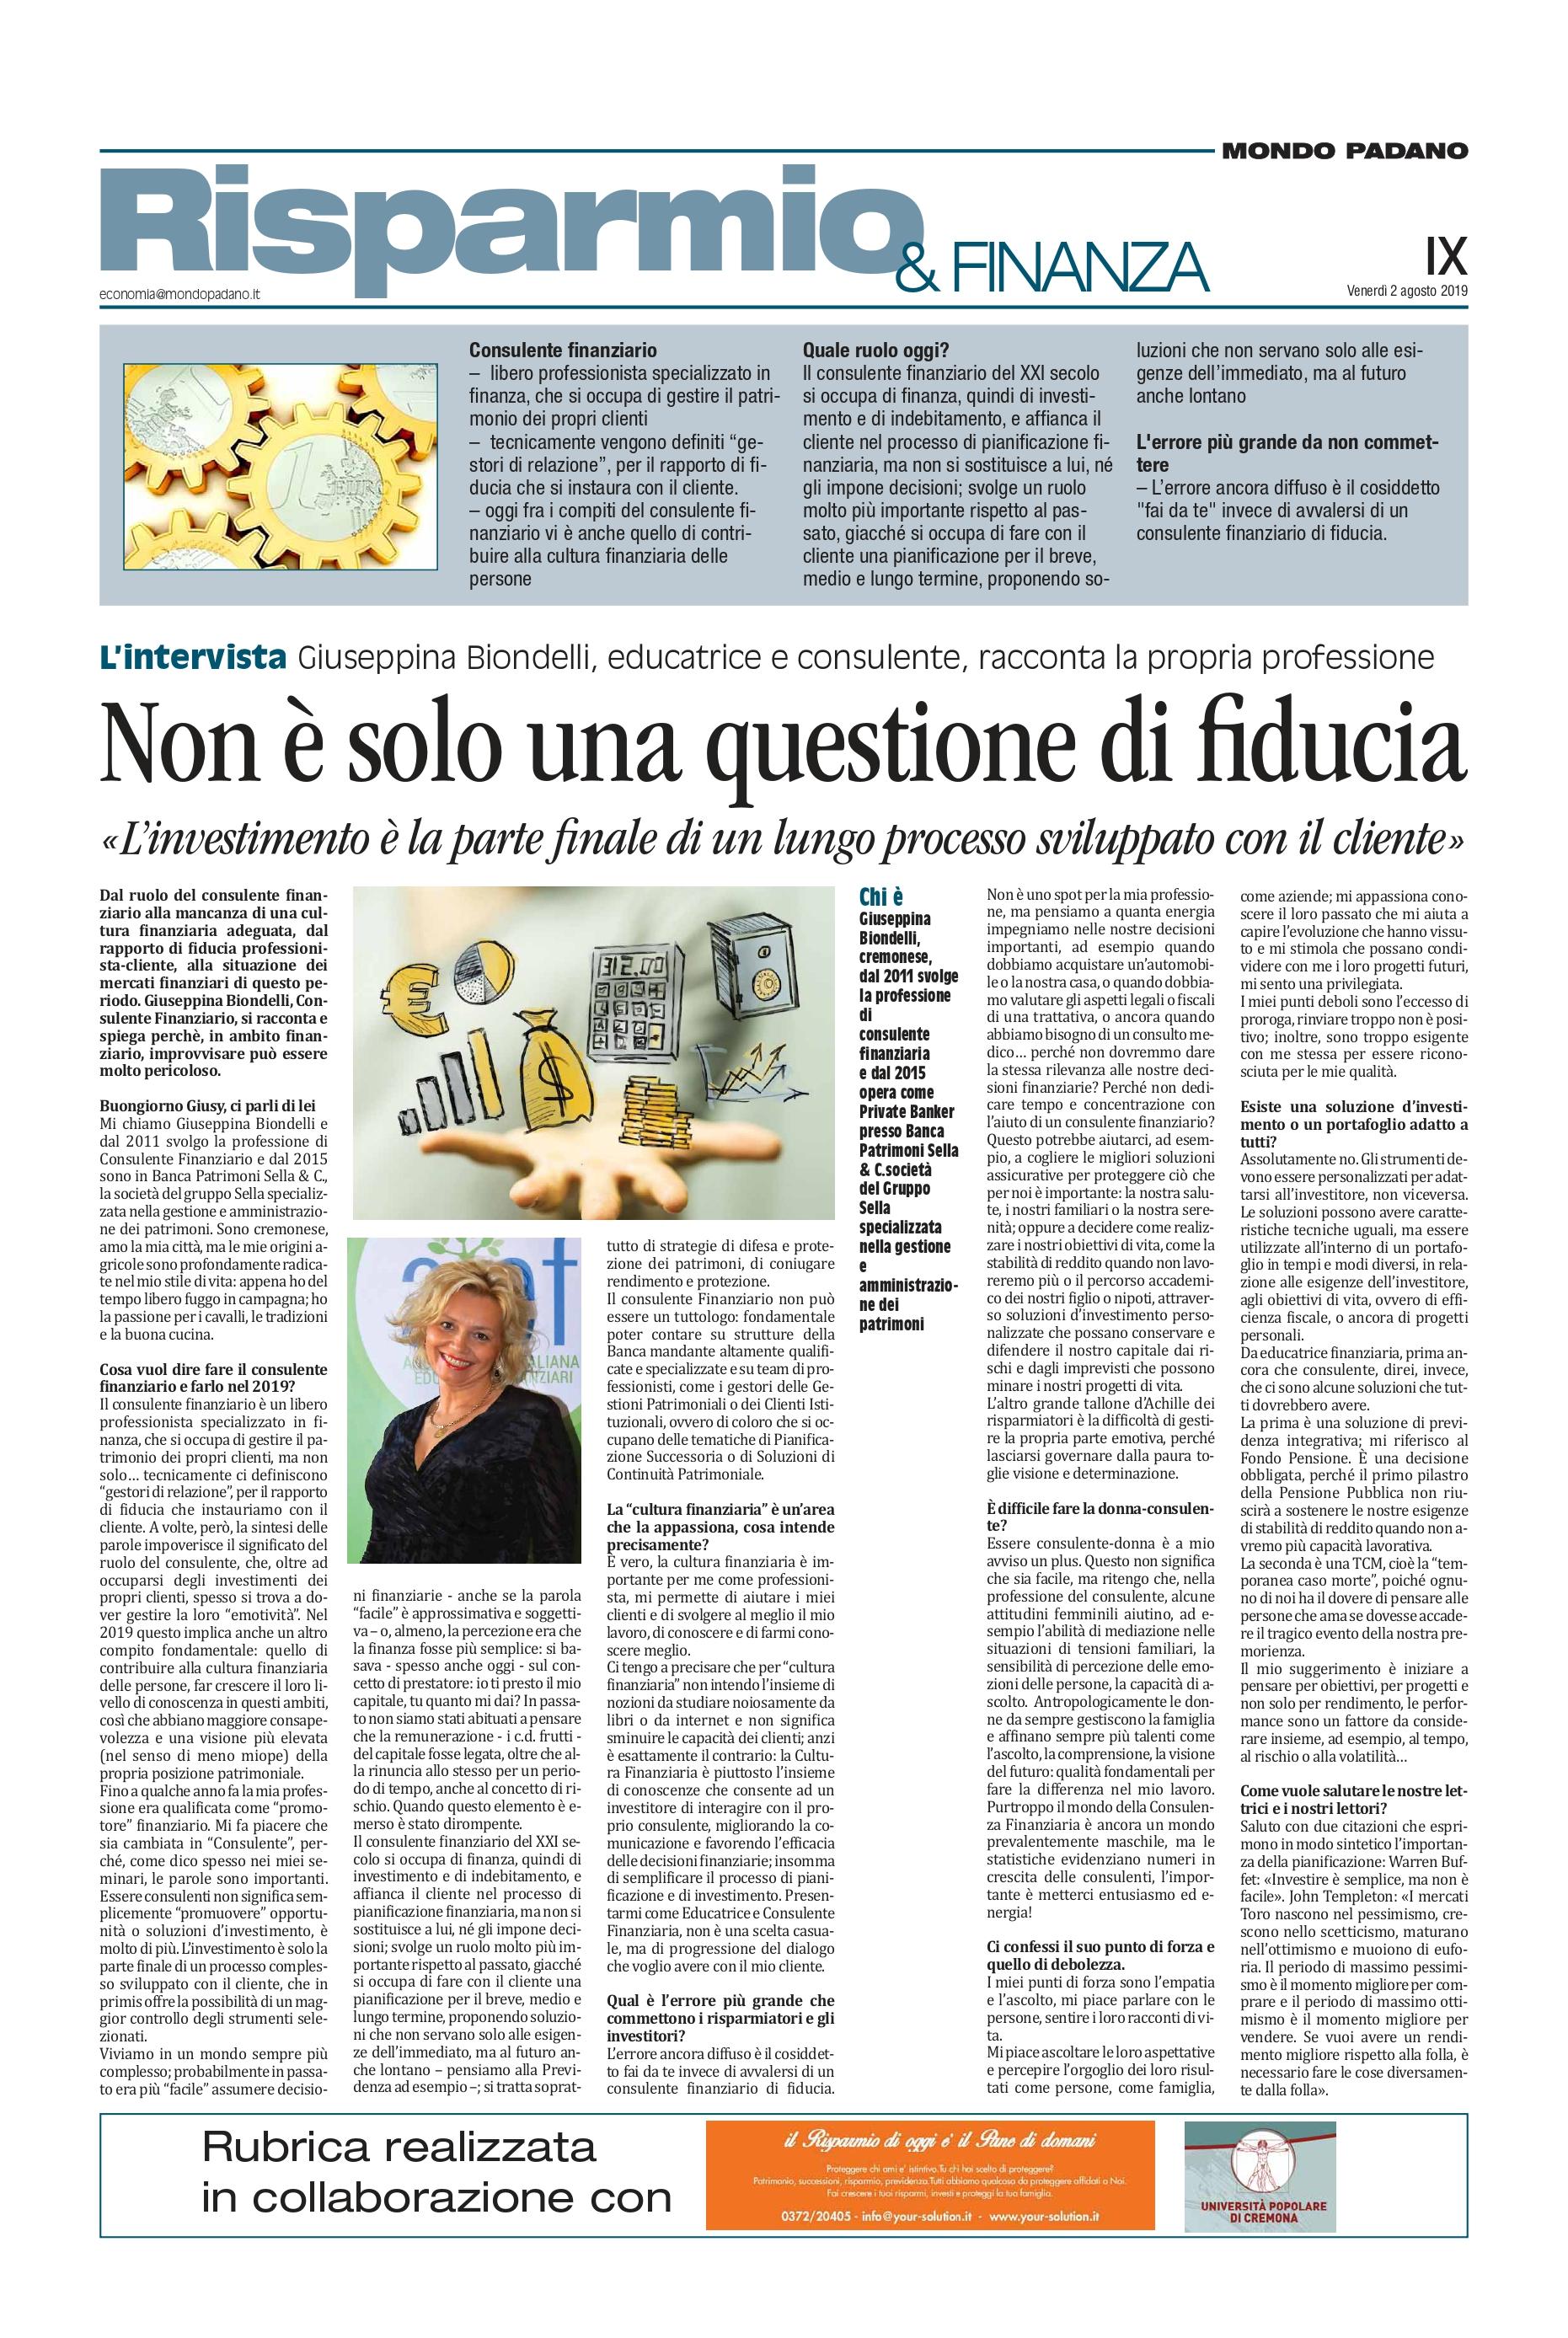 INTERVISTA A GIUSY BIONDELLI EDUCATIRCE E CONSULENTE FINANZIARIA